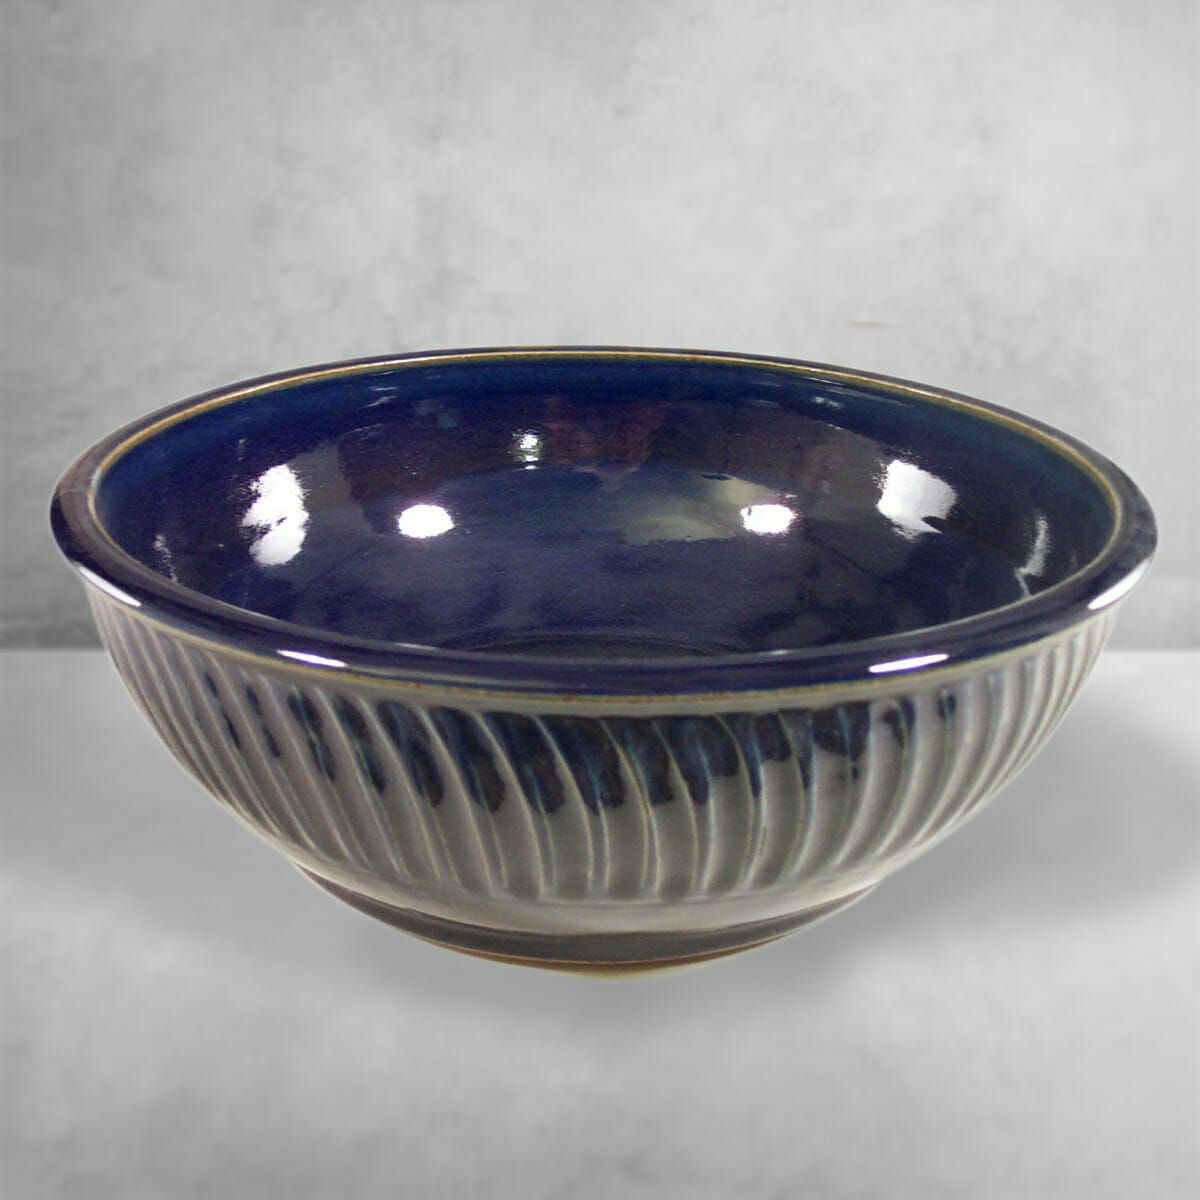 Large Bowl Fluted Design in Dark Blue Glaze